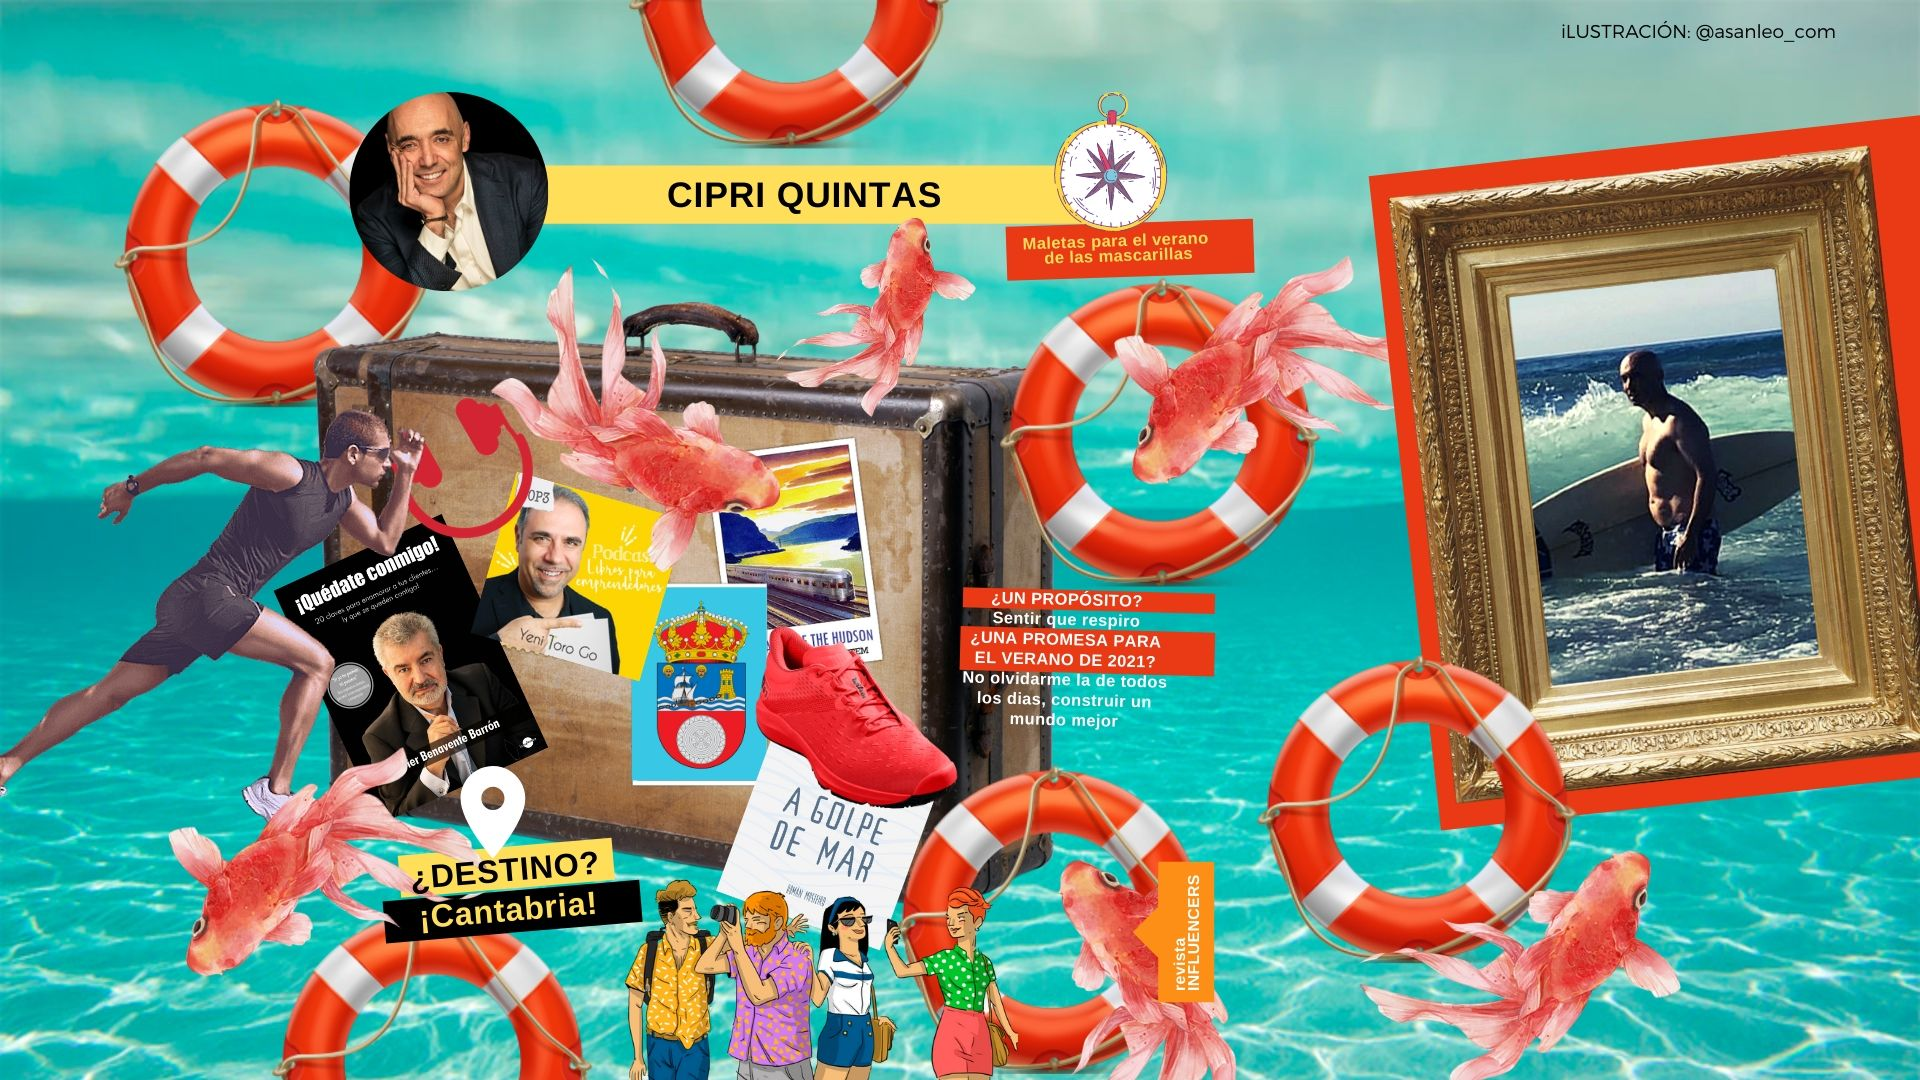 Cipri Quintas maleta